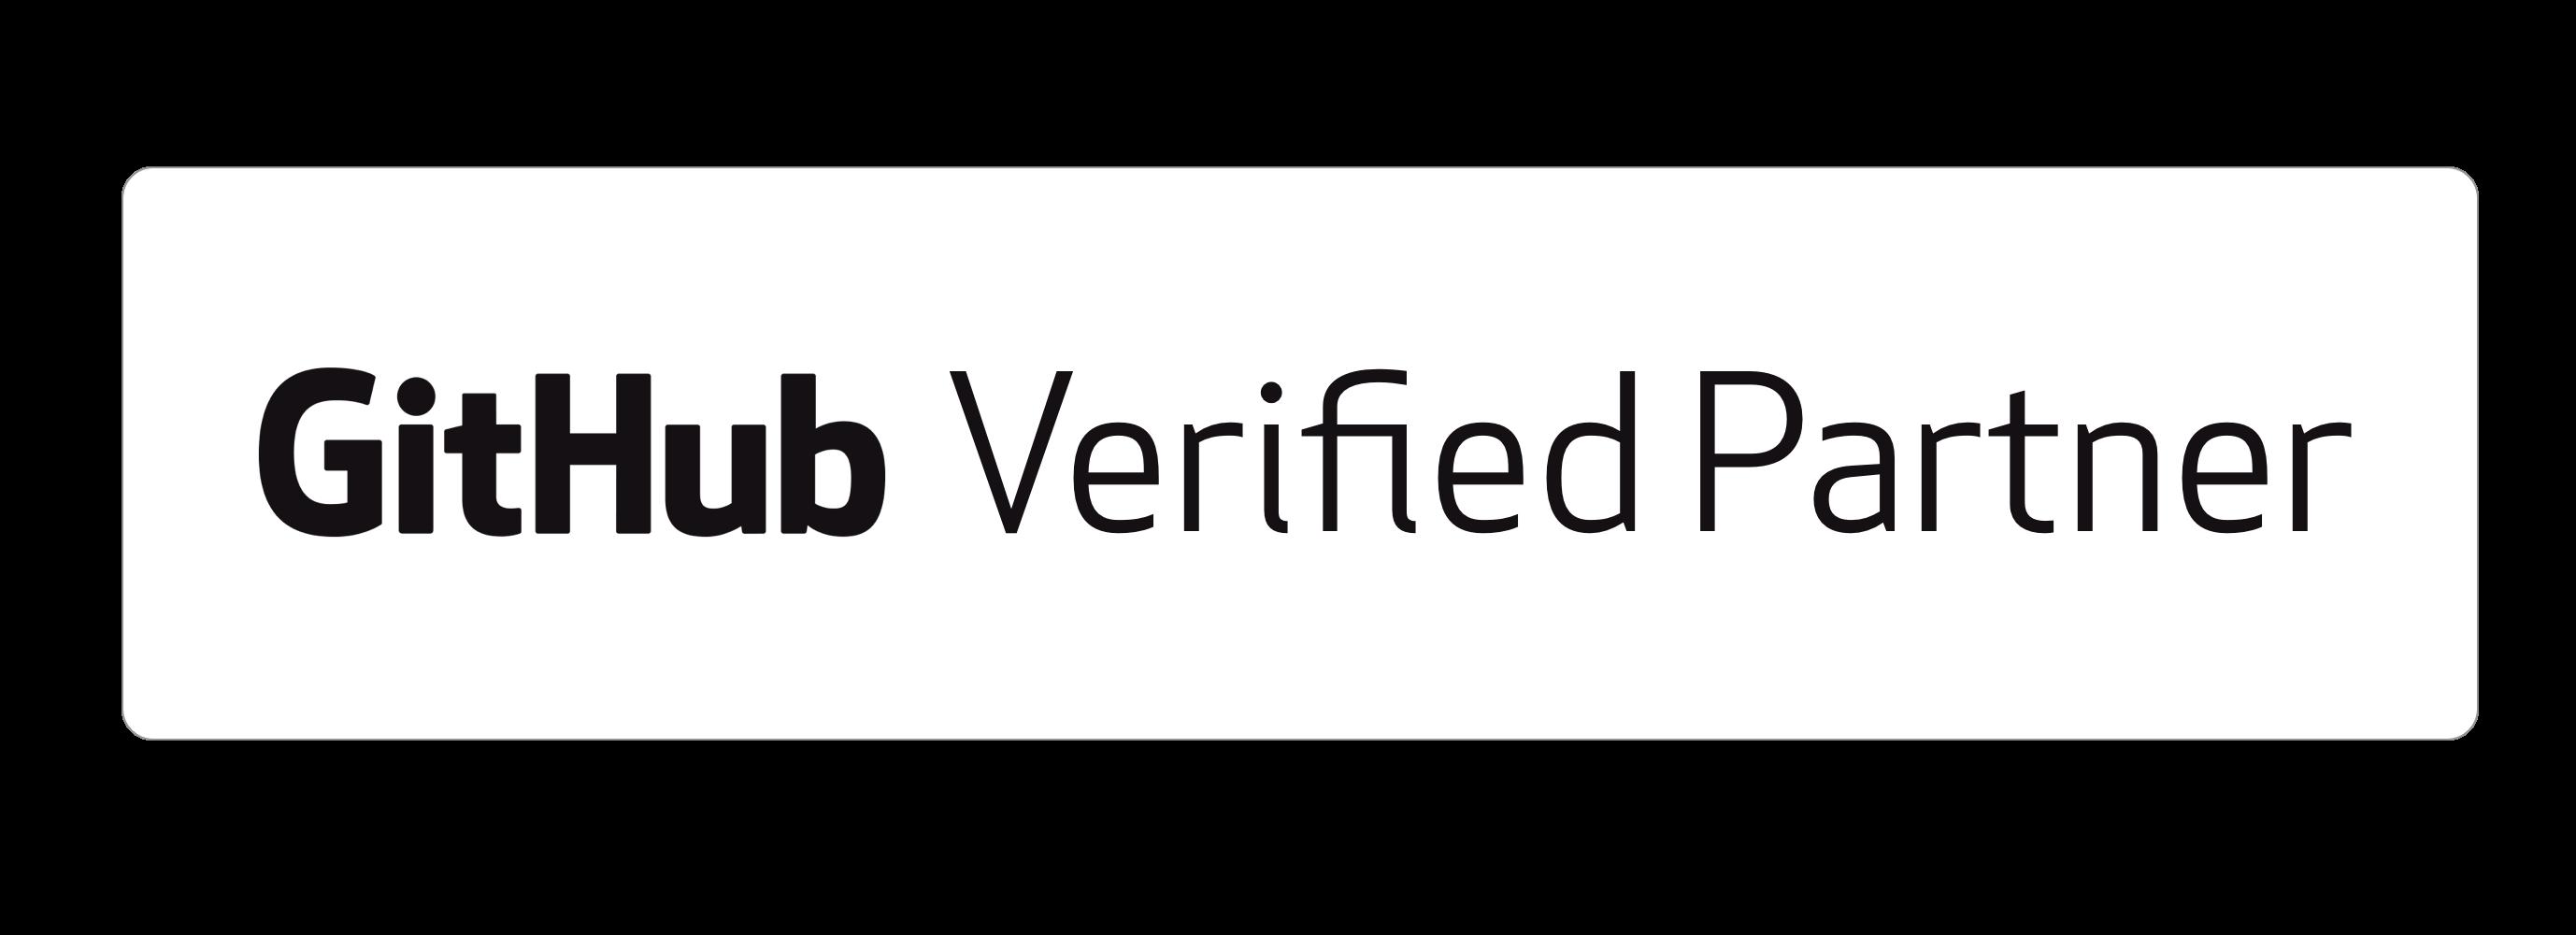 GitHub Verified Partner - white